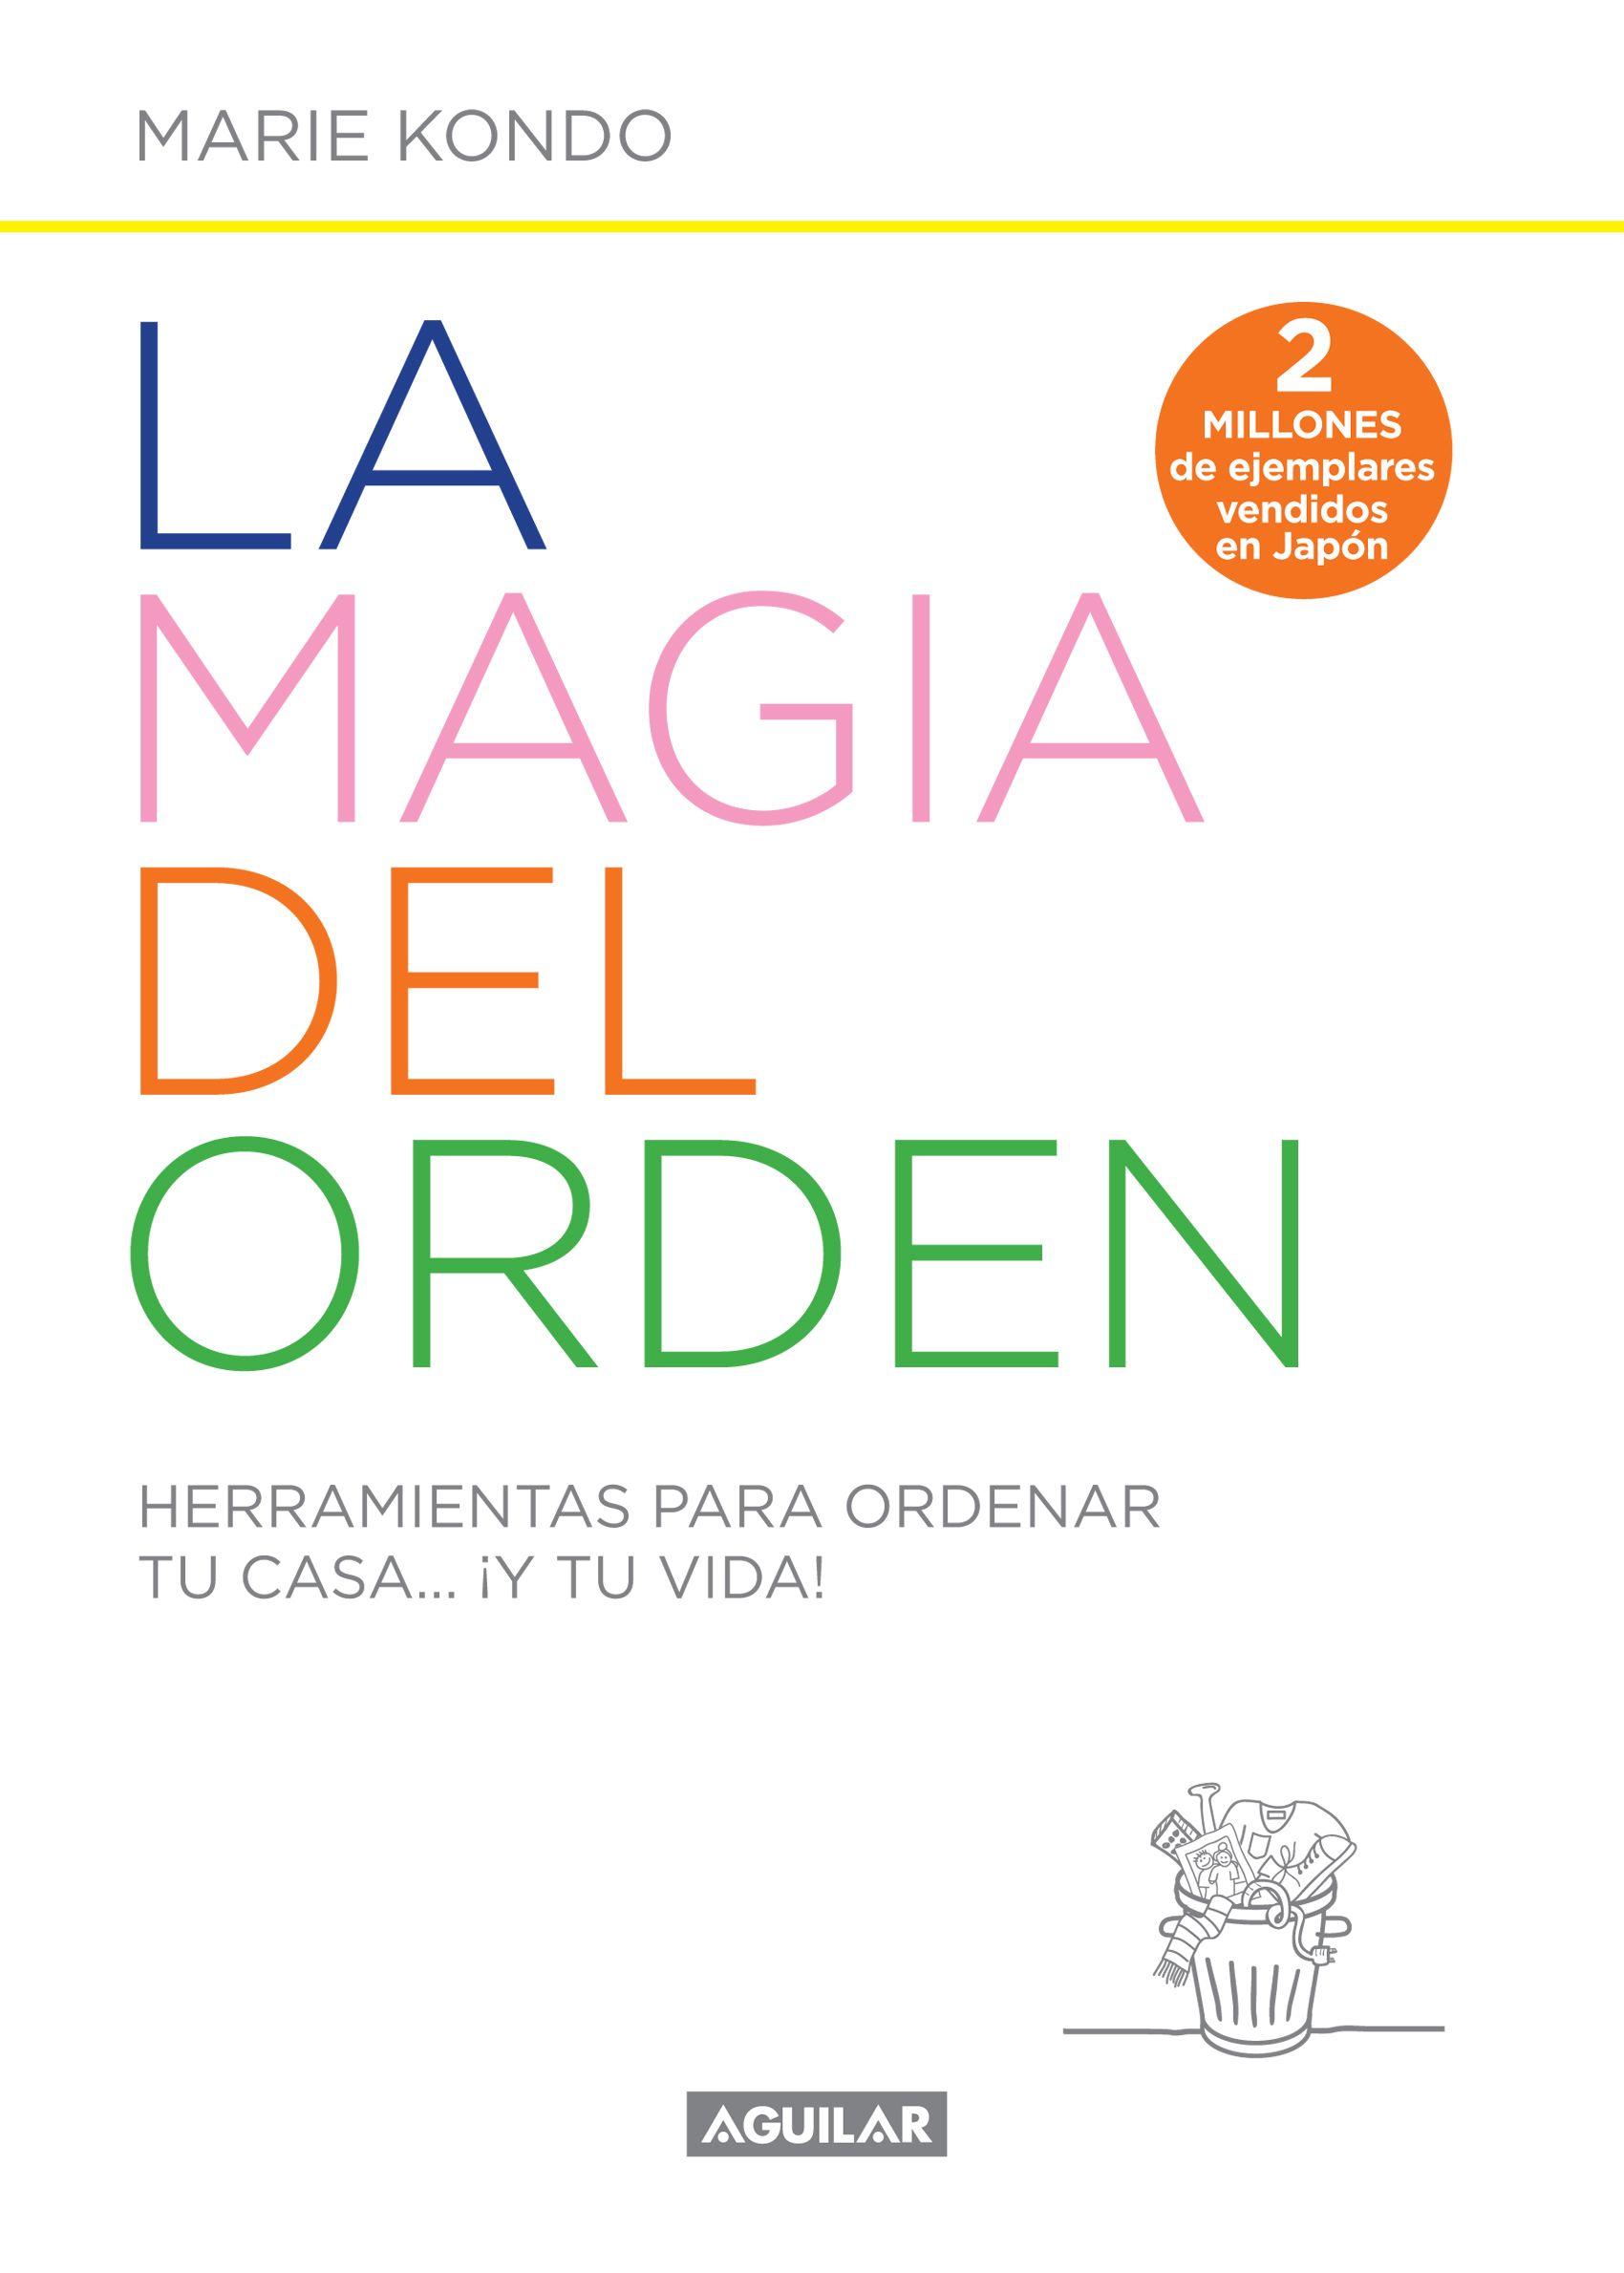 """La japonesa Marie Kondo escribió """"La magia del orden"""", un best seller que  te ayuda a tirar y acomodar todo lo que tenés en tu casa."""